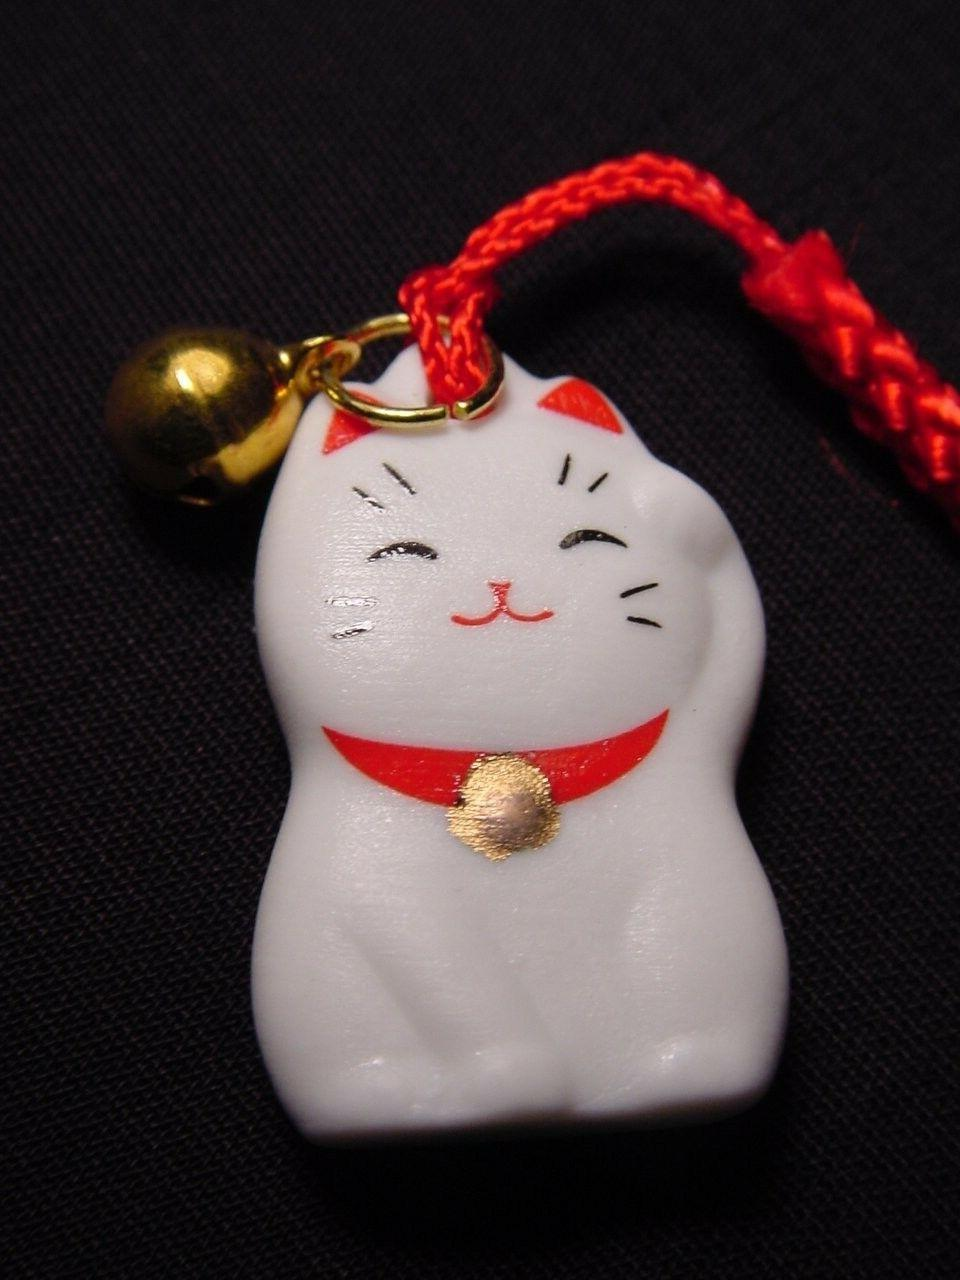 maneki neko beckoning cat cell phone strap